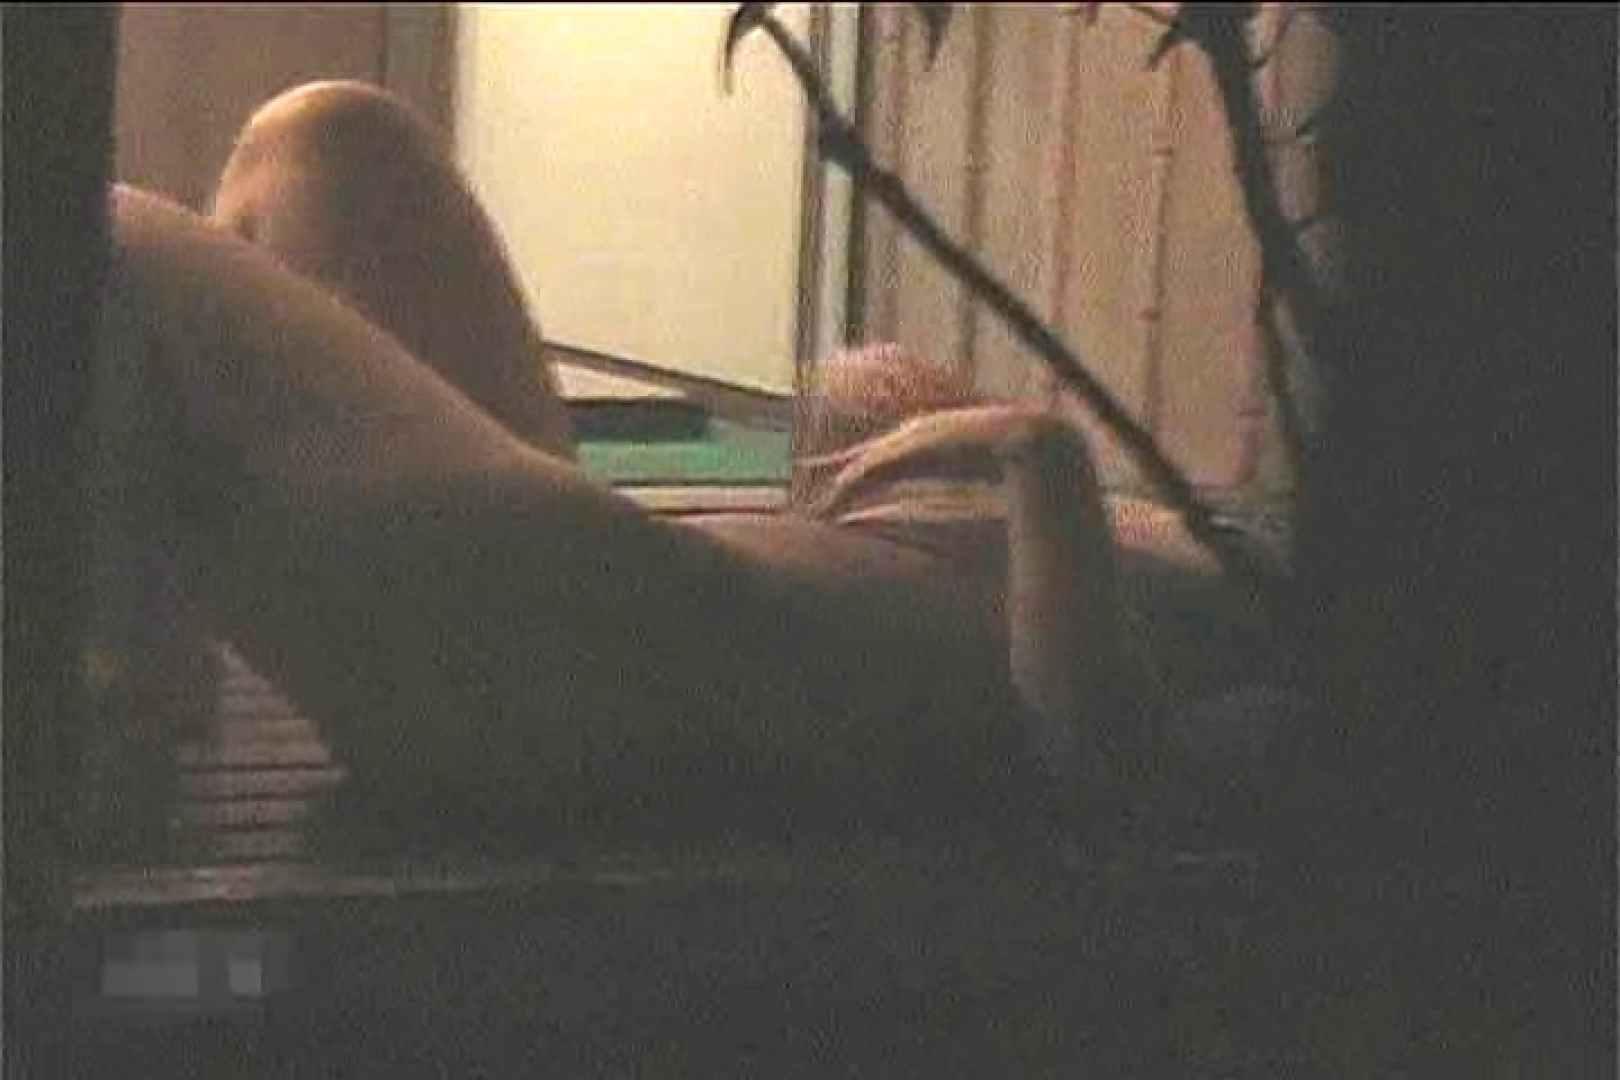 全裸で発情!!家族風呂の実態Vol.3 すけべな素人 ヌード画像 95画像 59